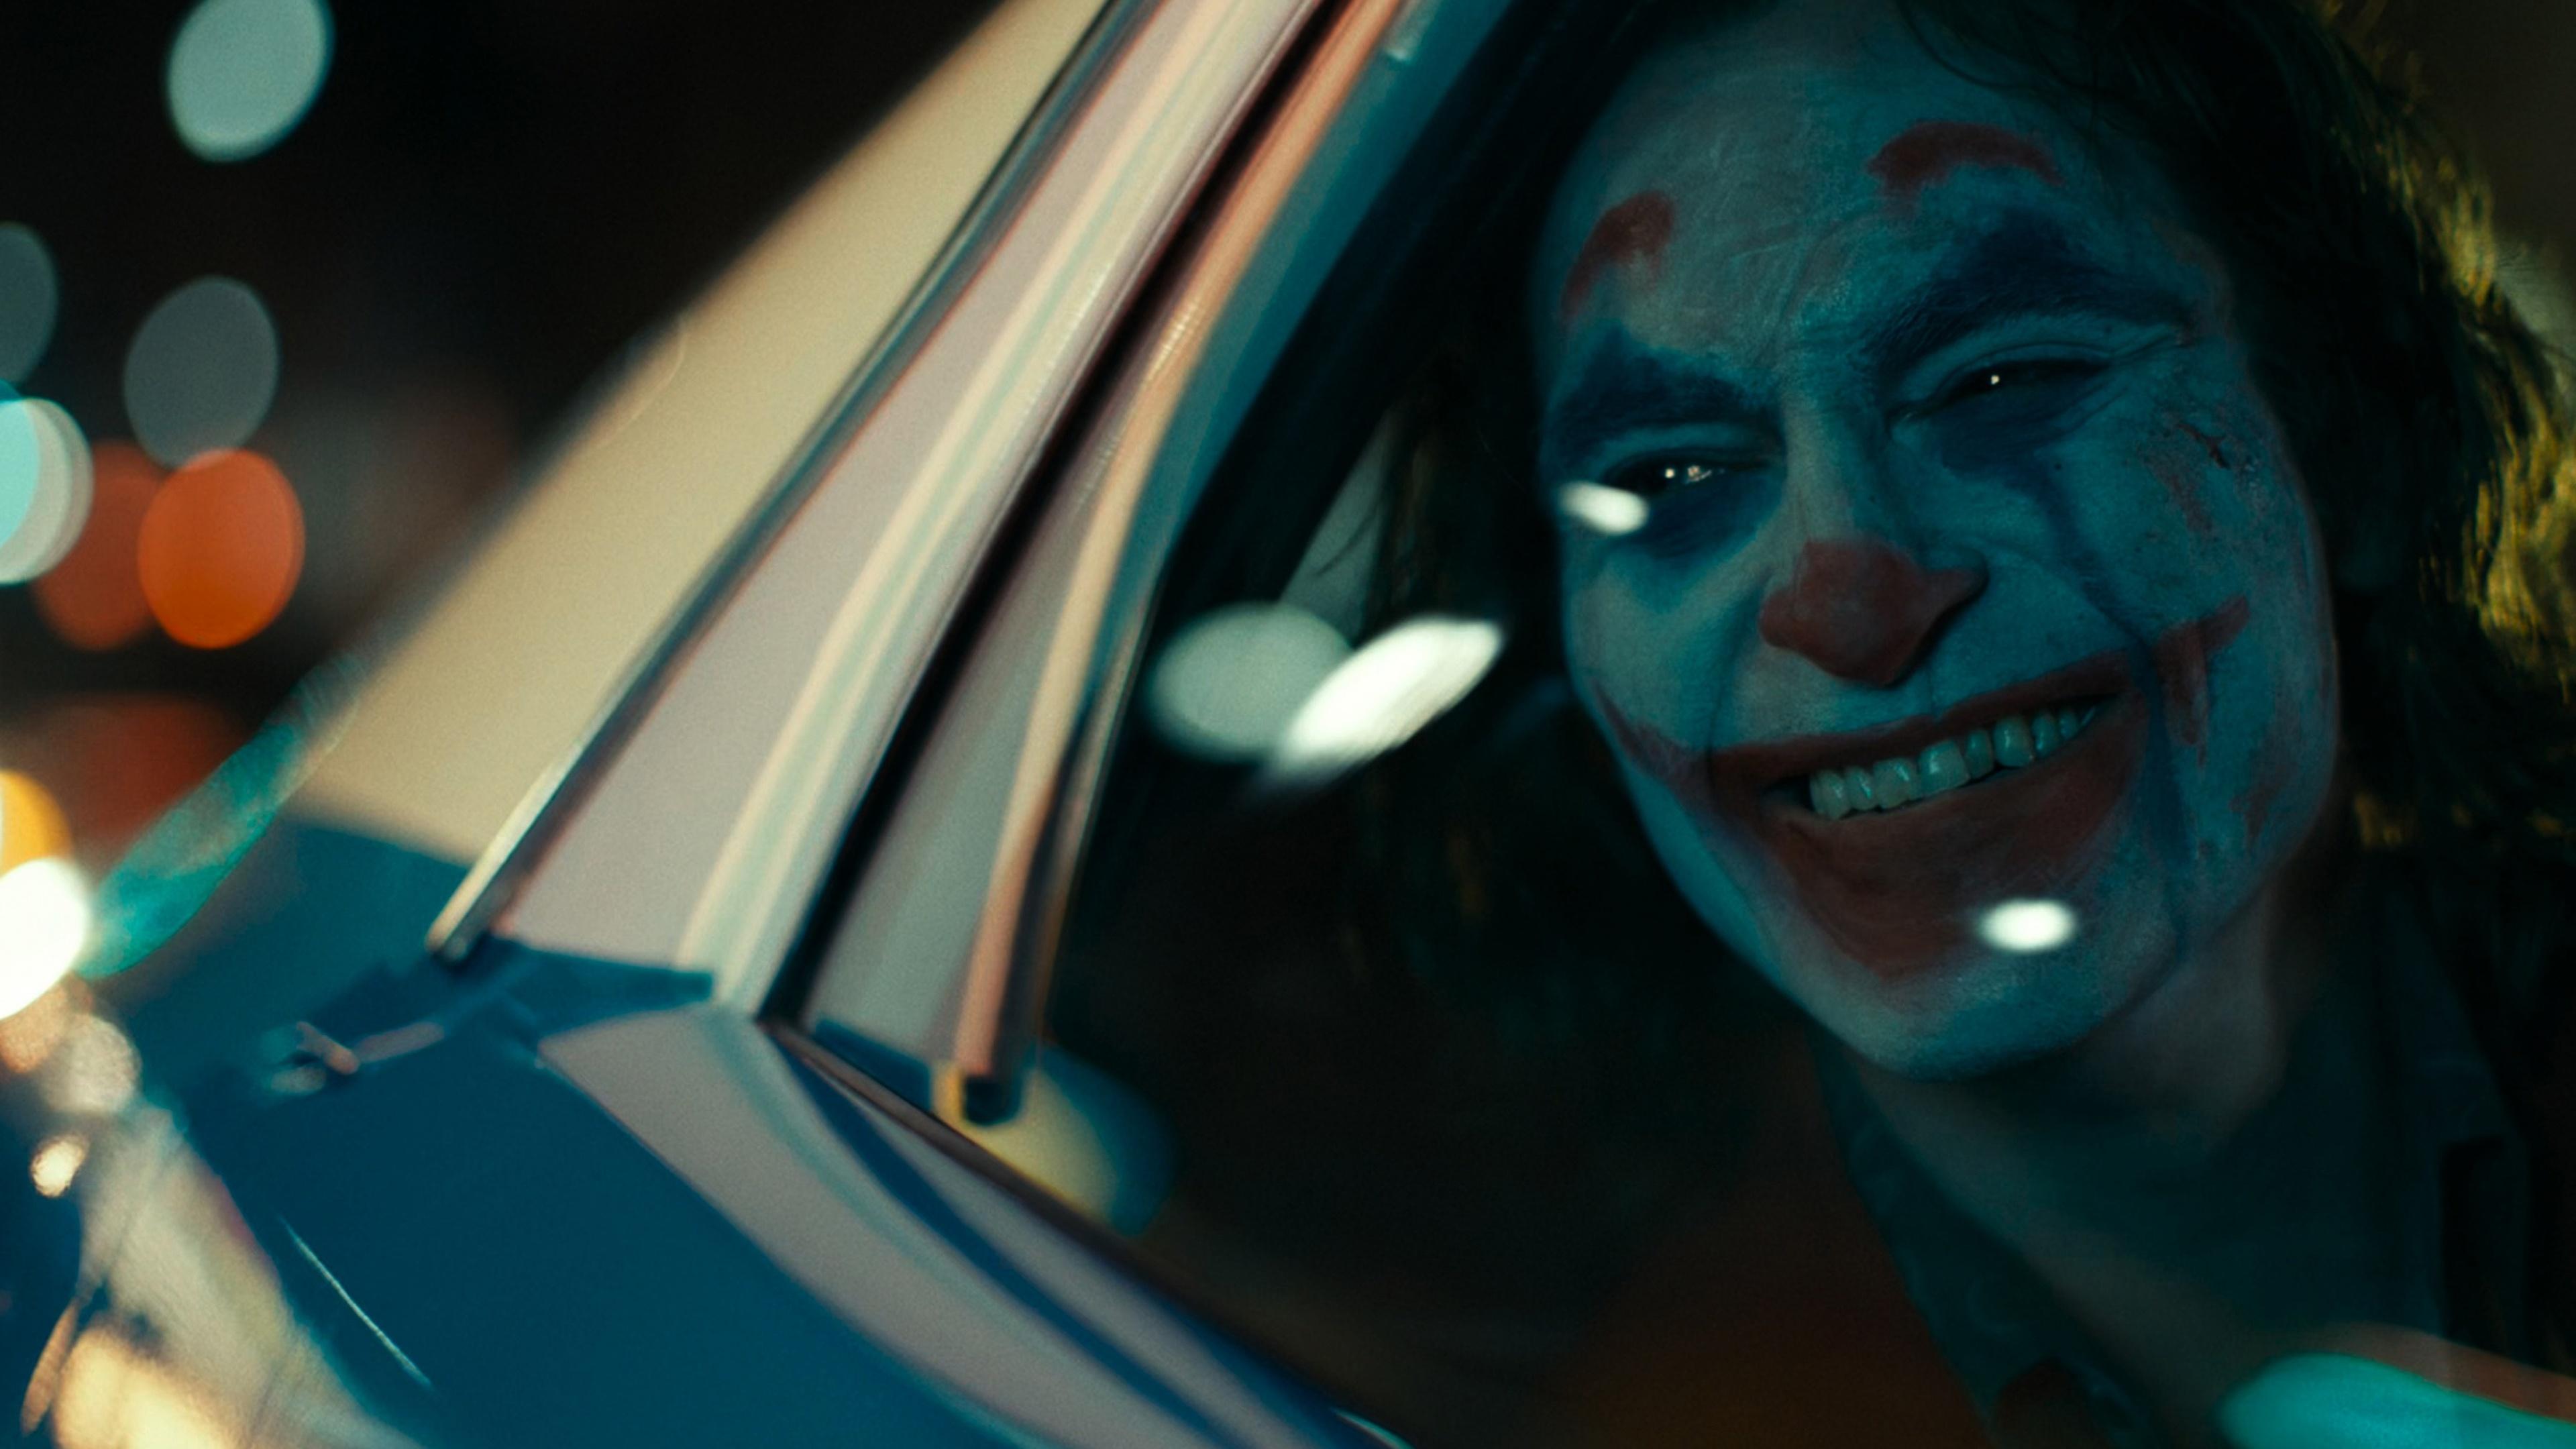 壁紙 3840x2160 ジョーカー 映画 ジョーカー 微笑み 窓 道化師 映画 ダウンロード 写真